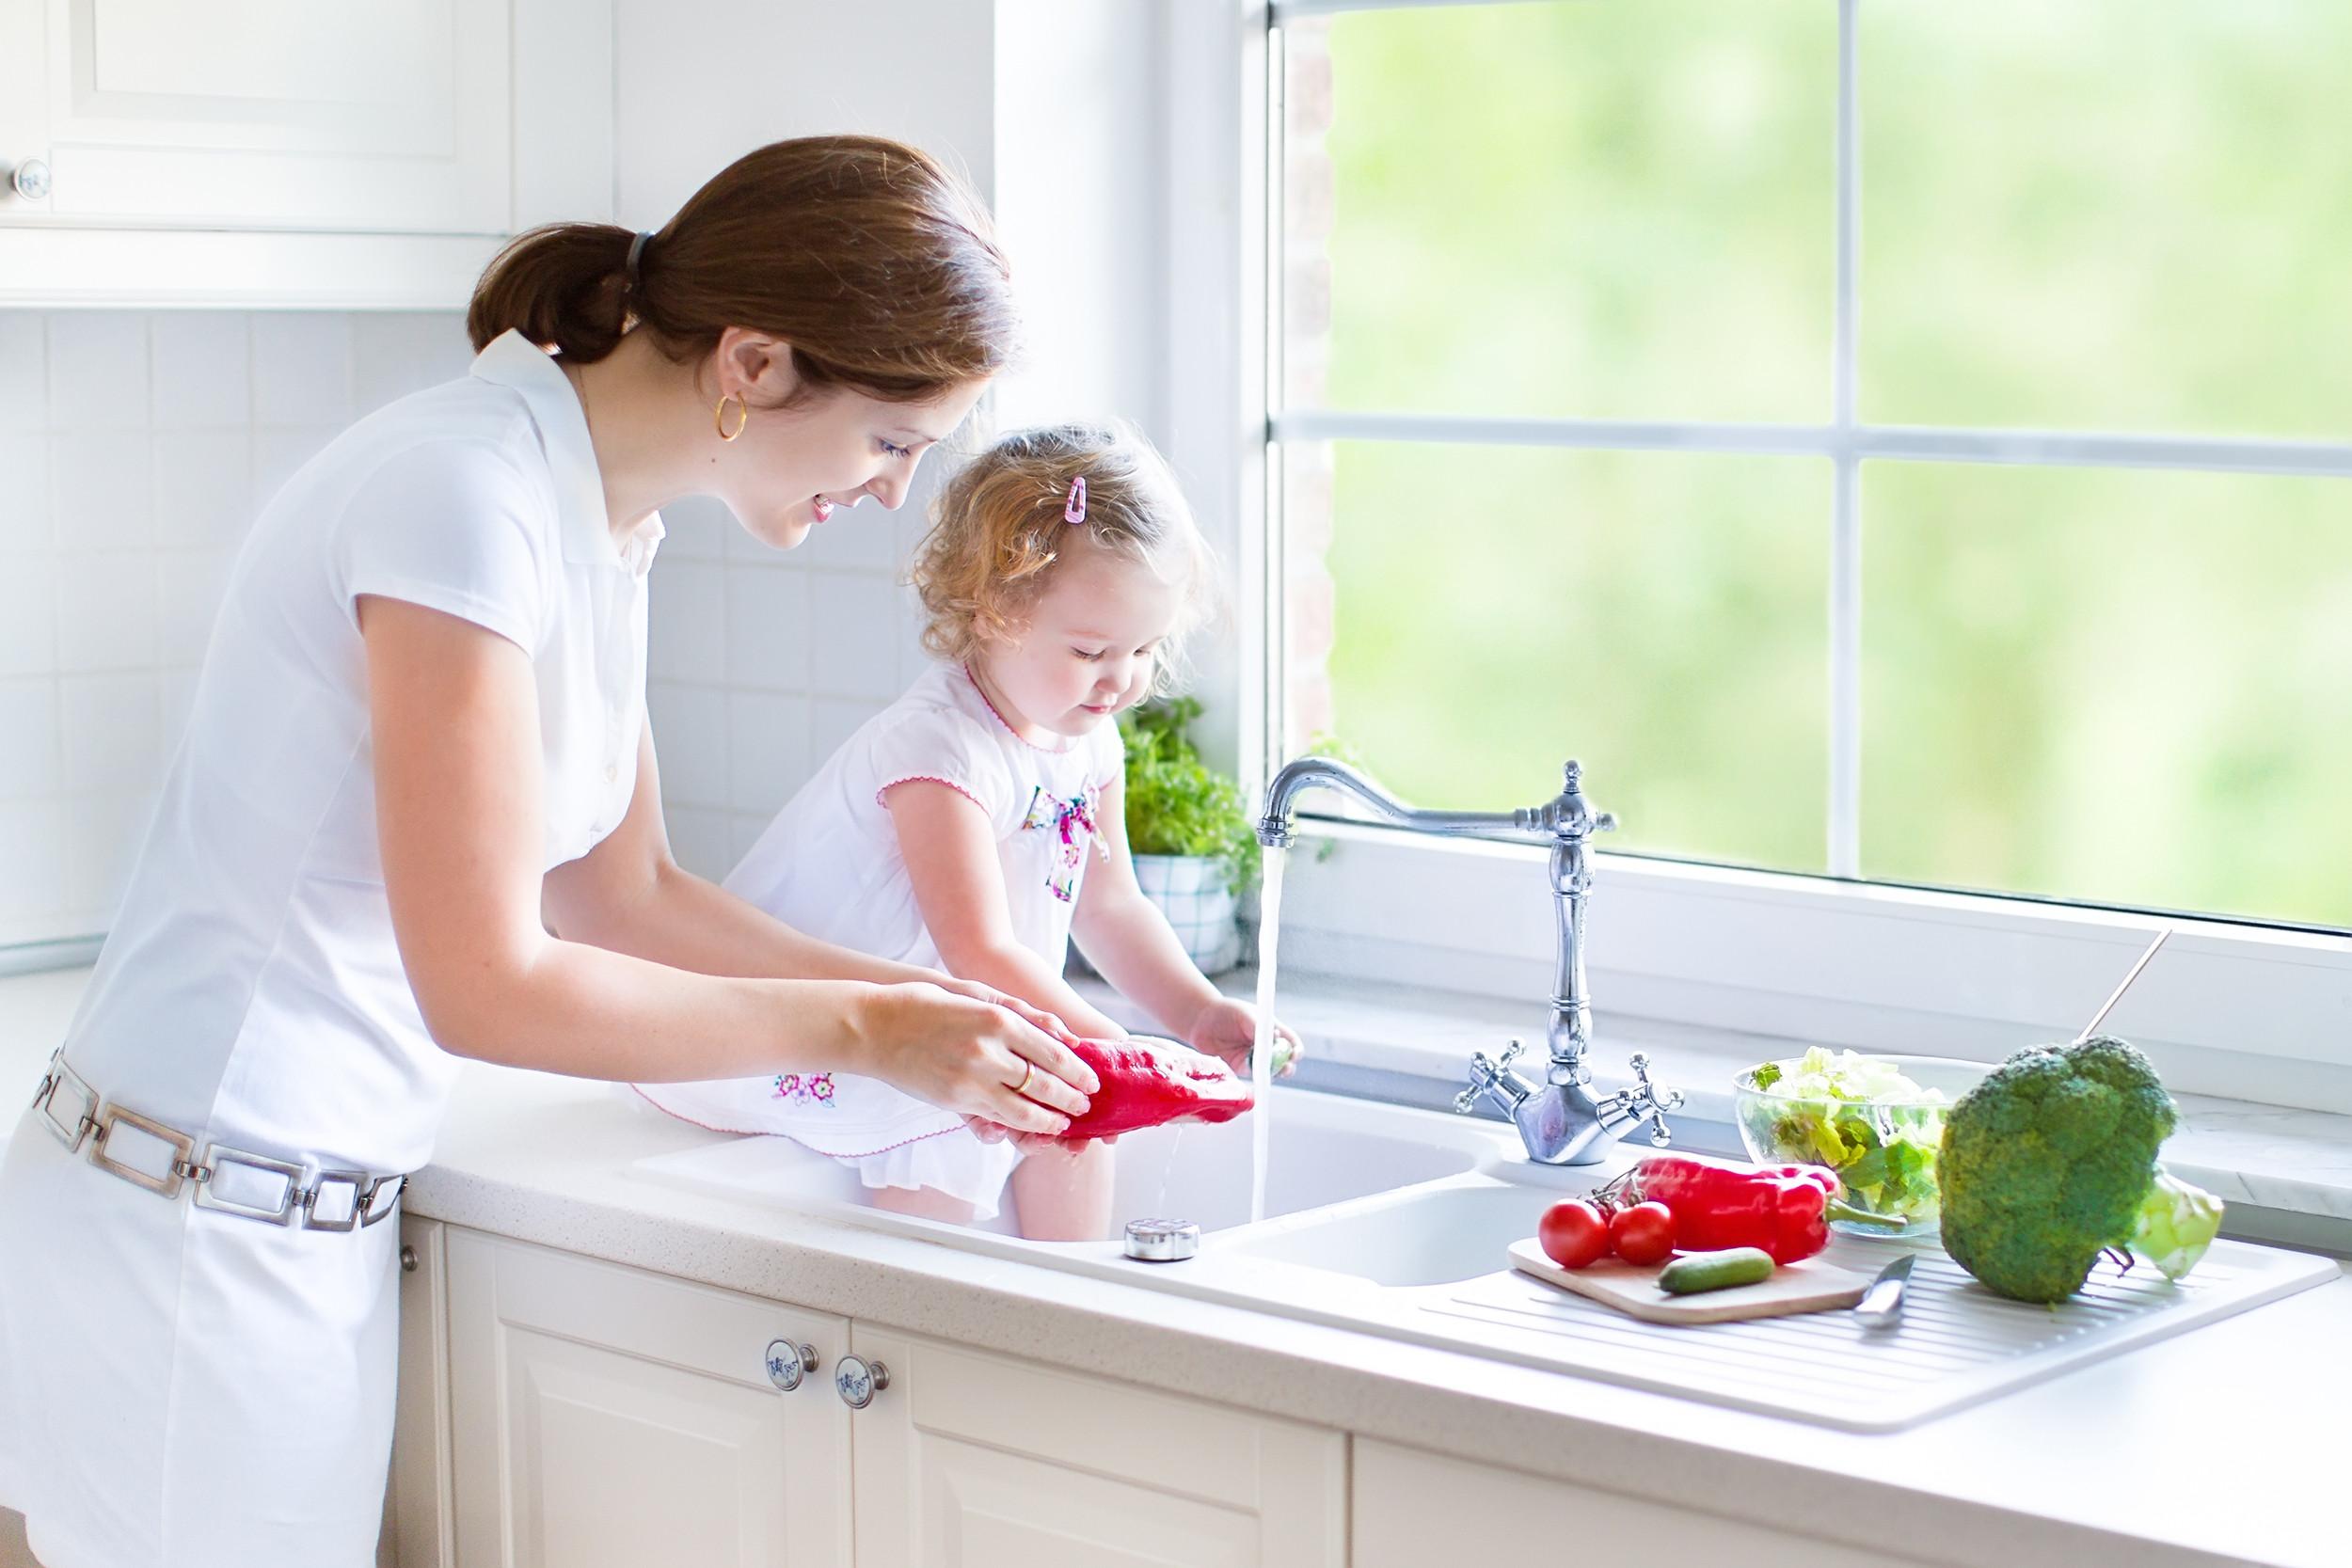 С мамкой на кухне, Мама и сын на кухне - смотреть порно онлайн или скачать 8 фотография